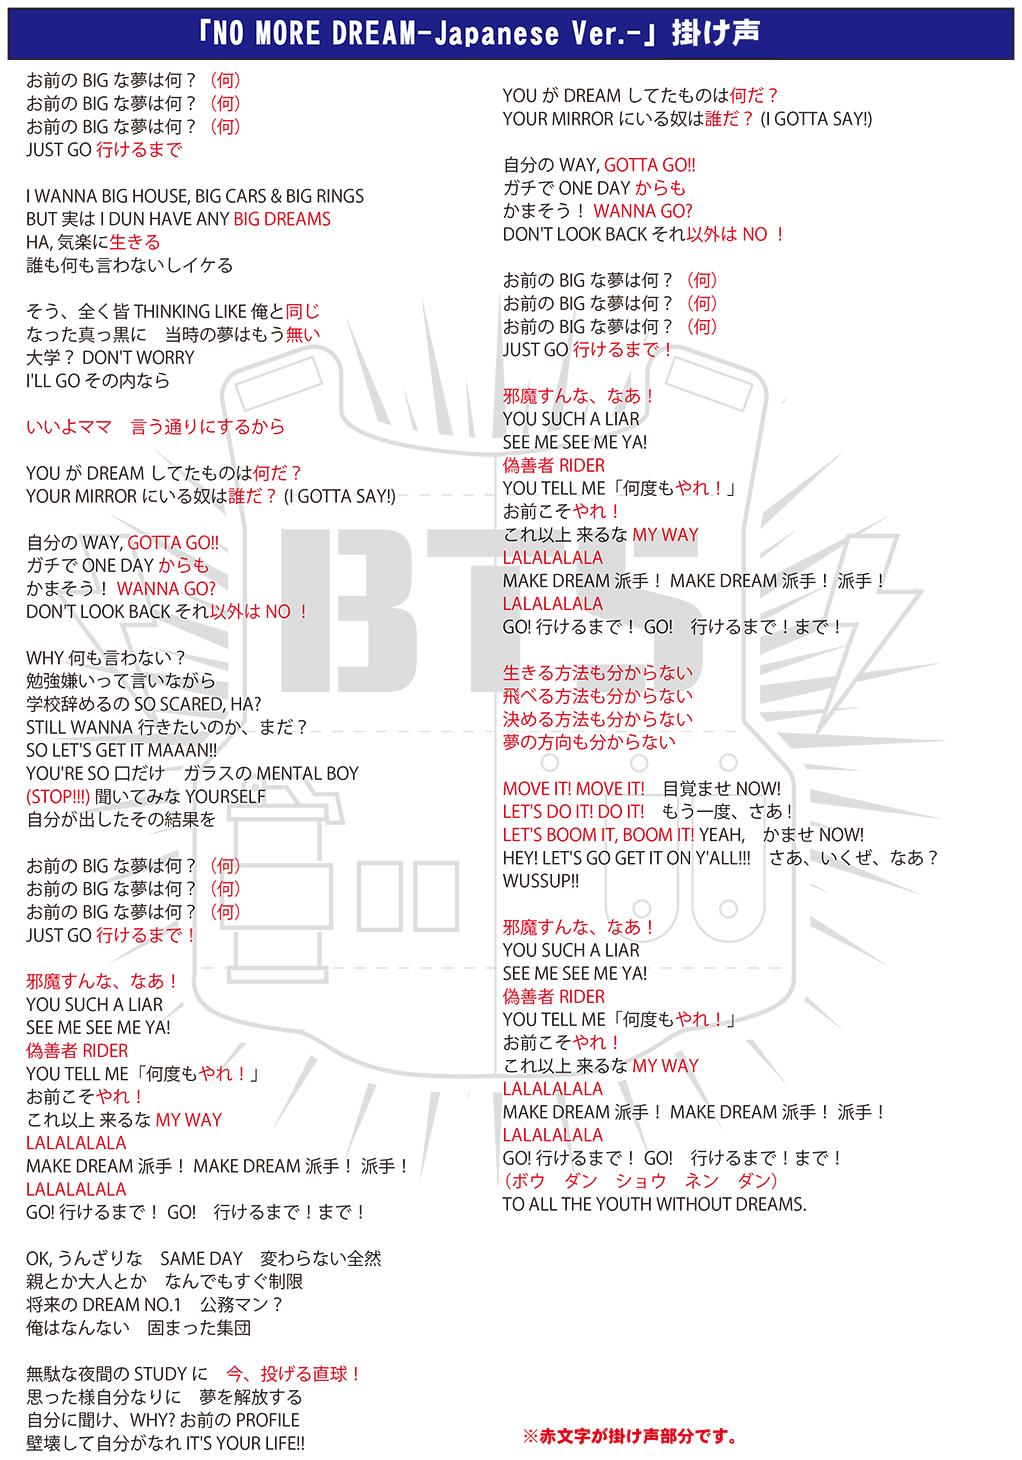 NO MORE DREAM-Japanese Ver.-